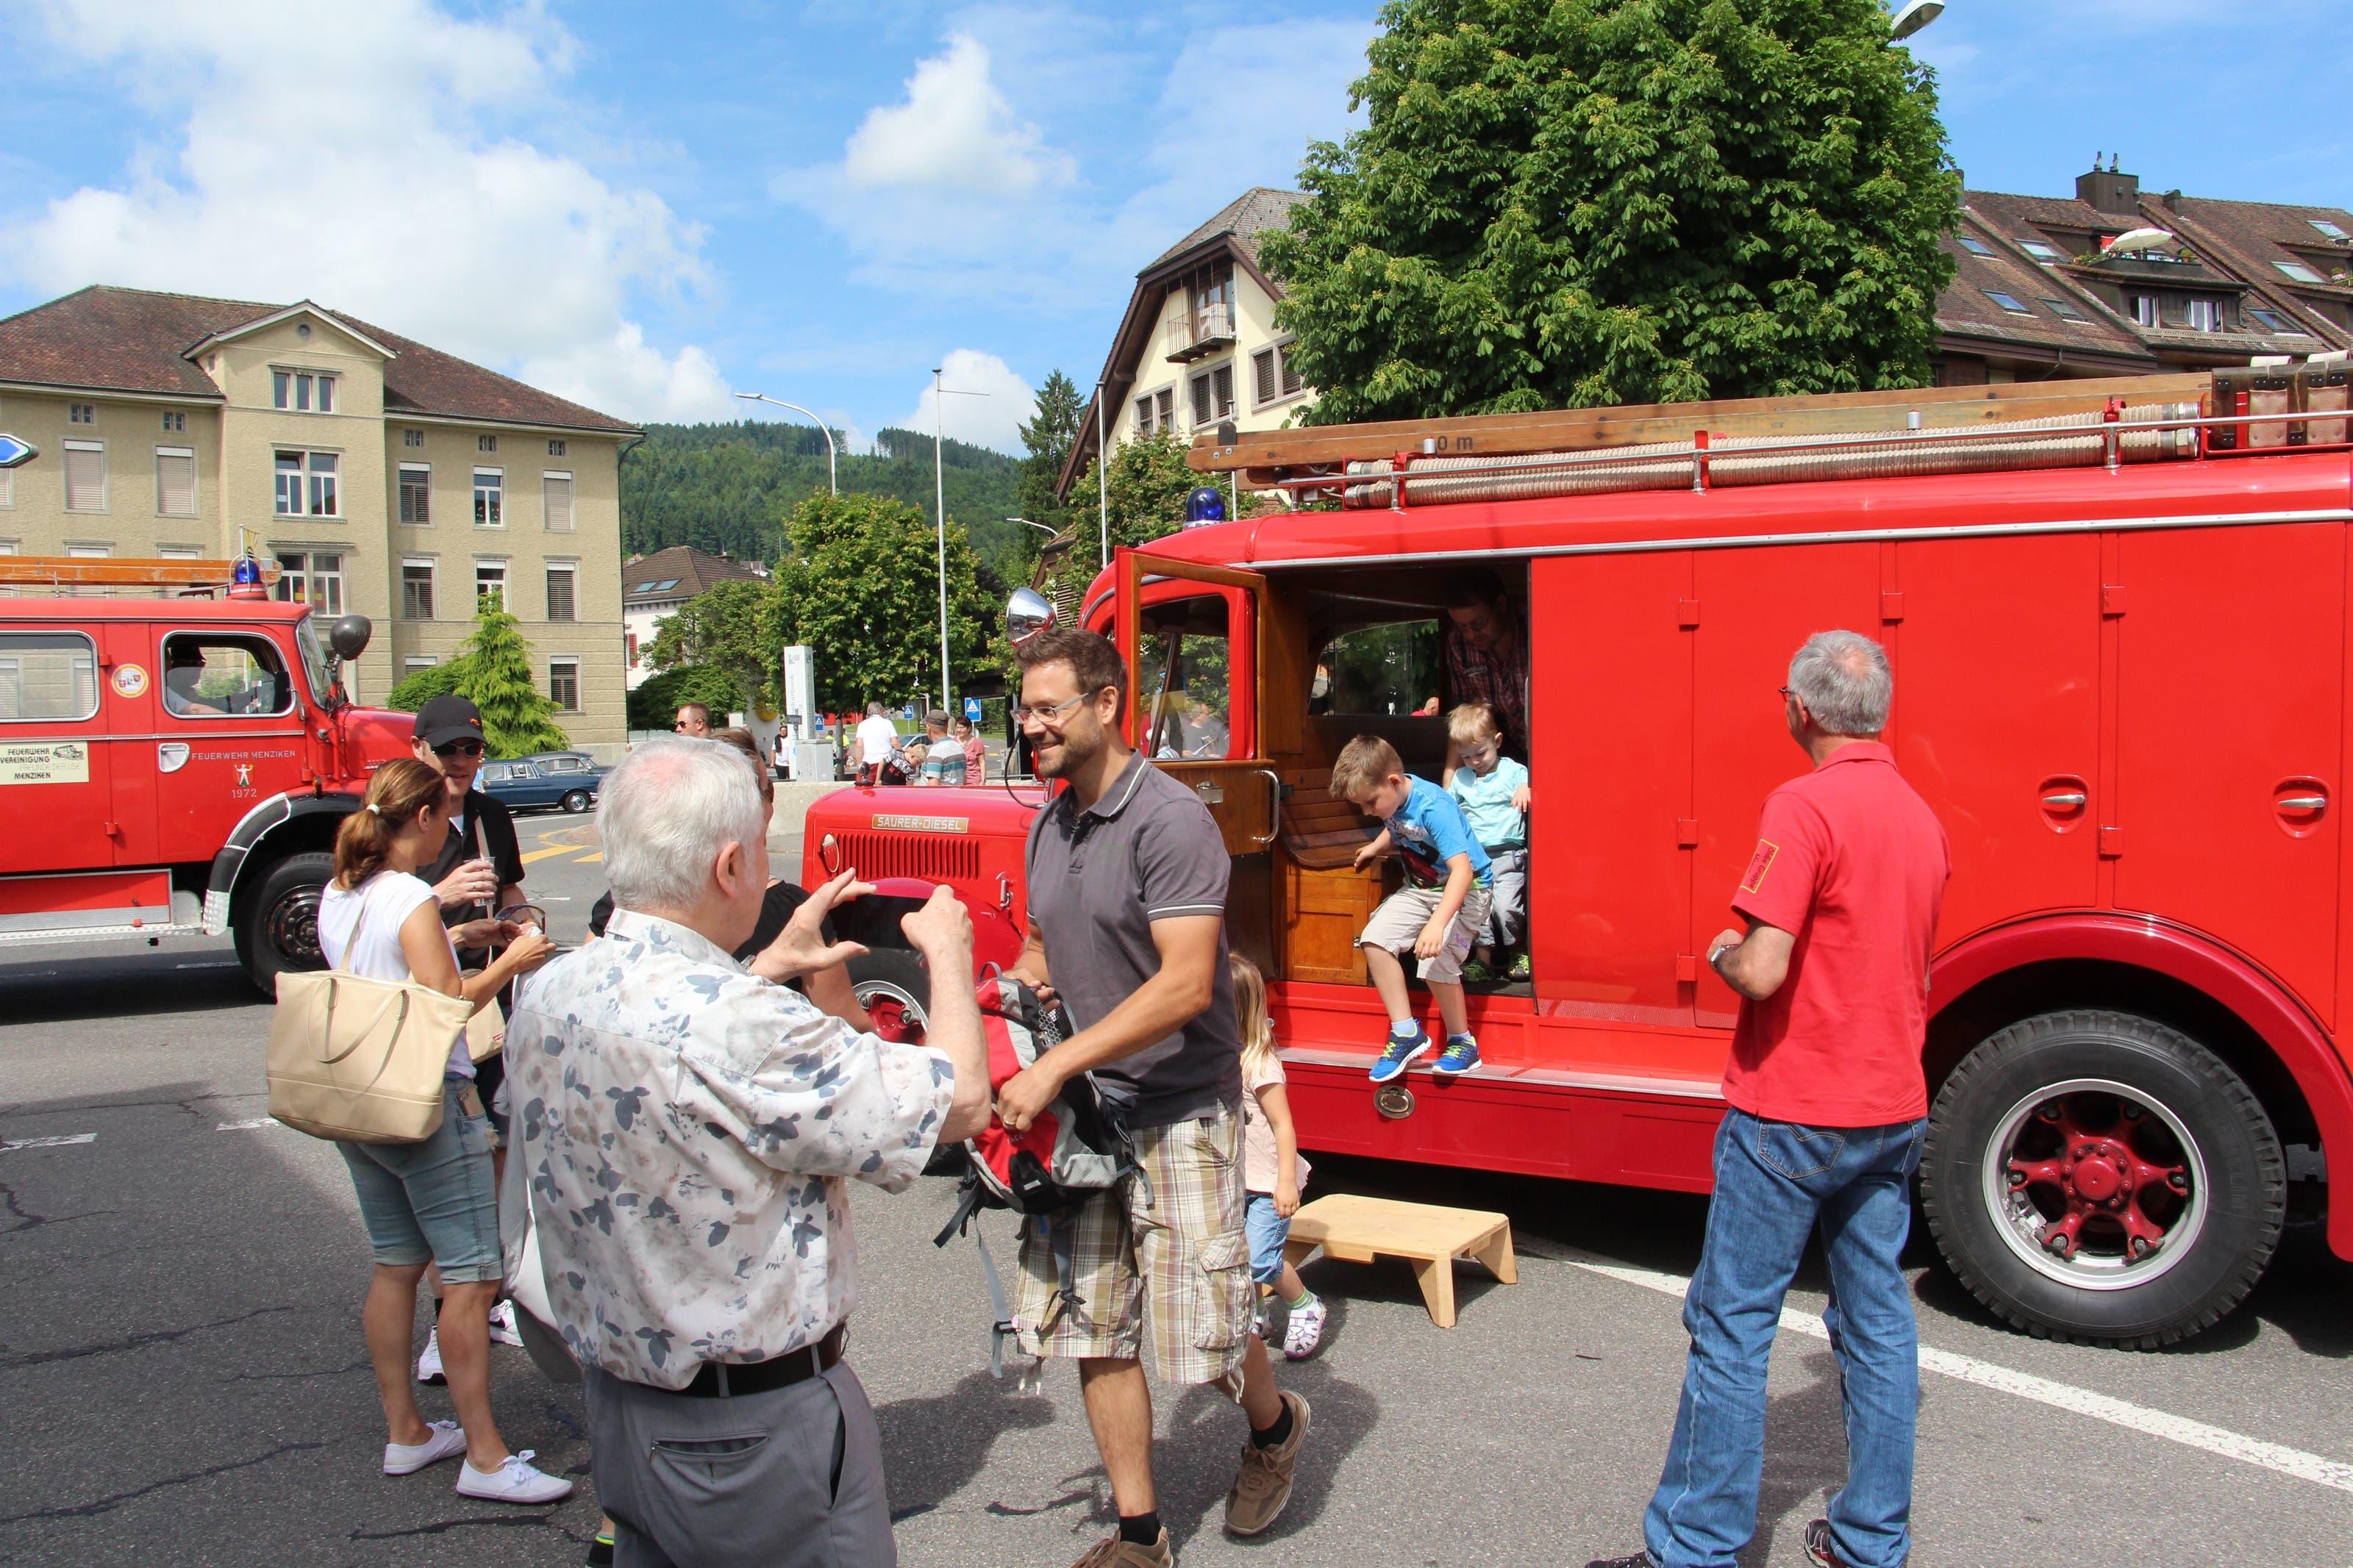 Bilder vom Menziker Dorffest. Dorffest Menziken